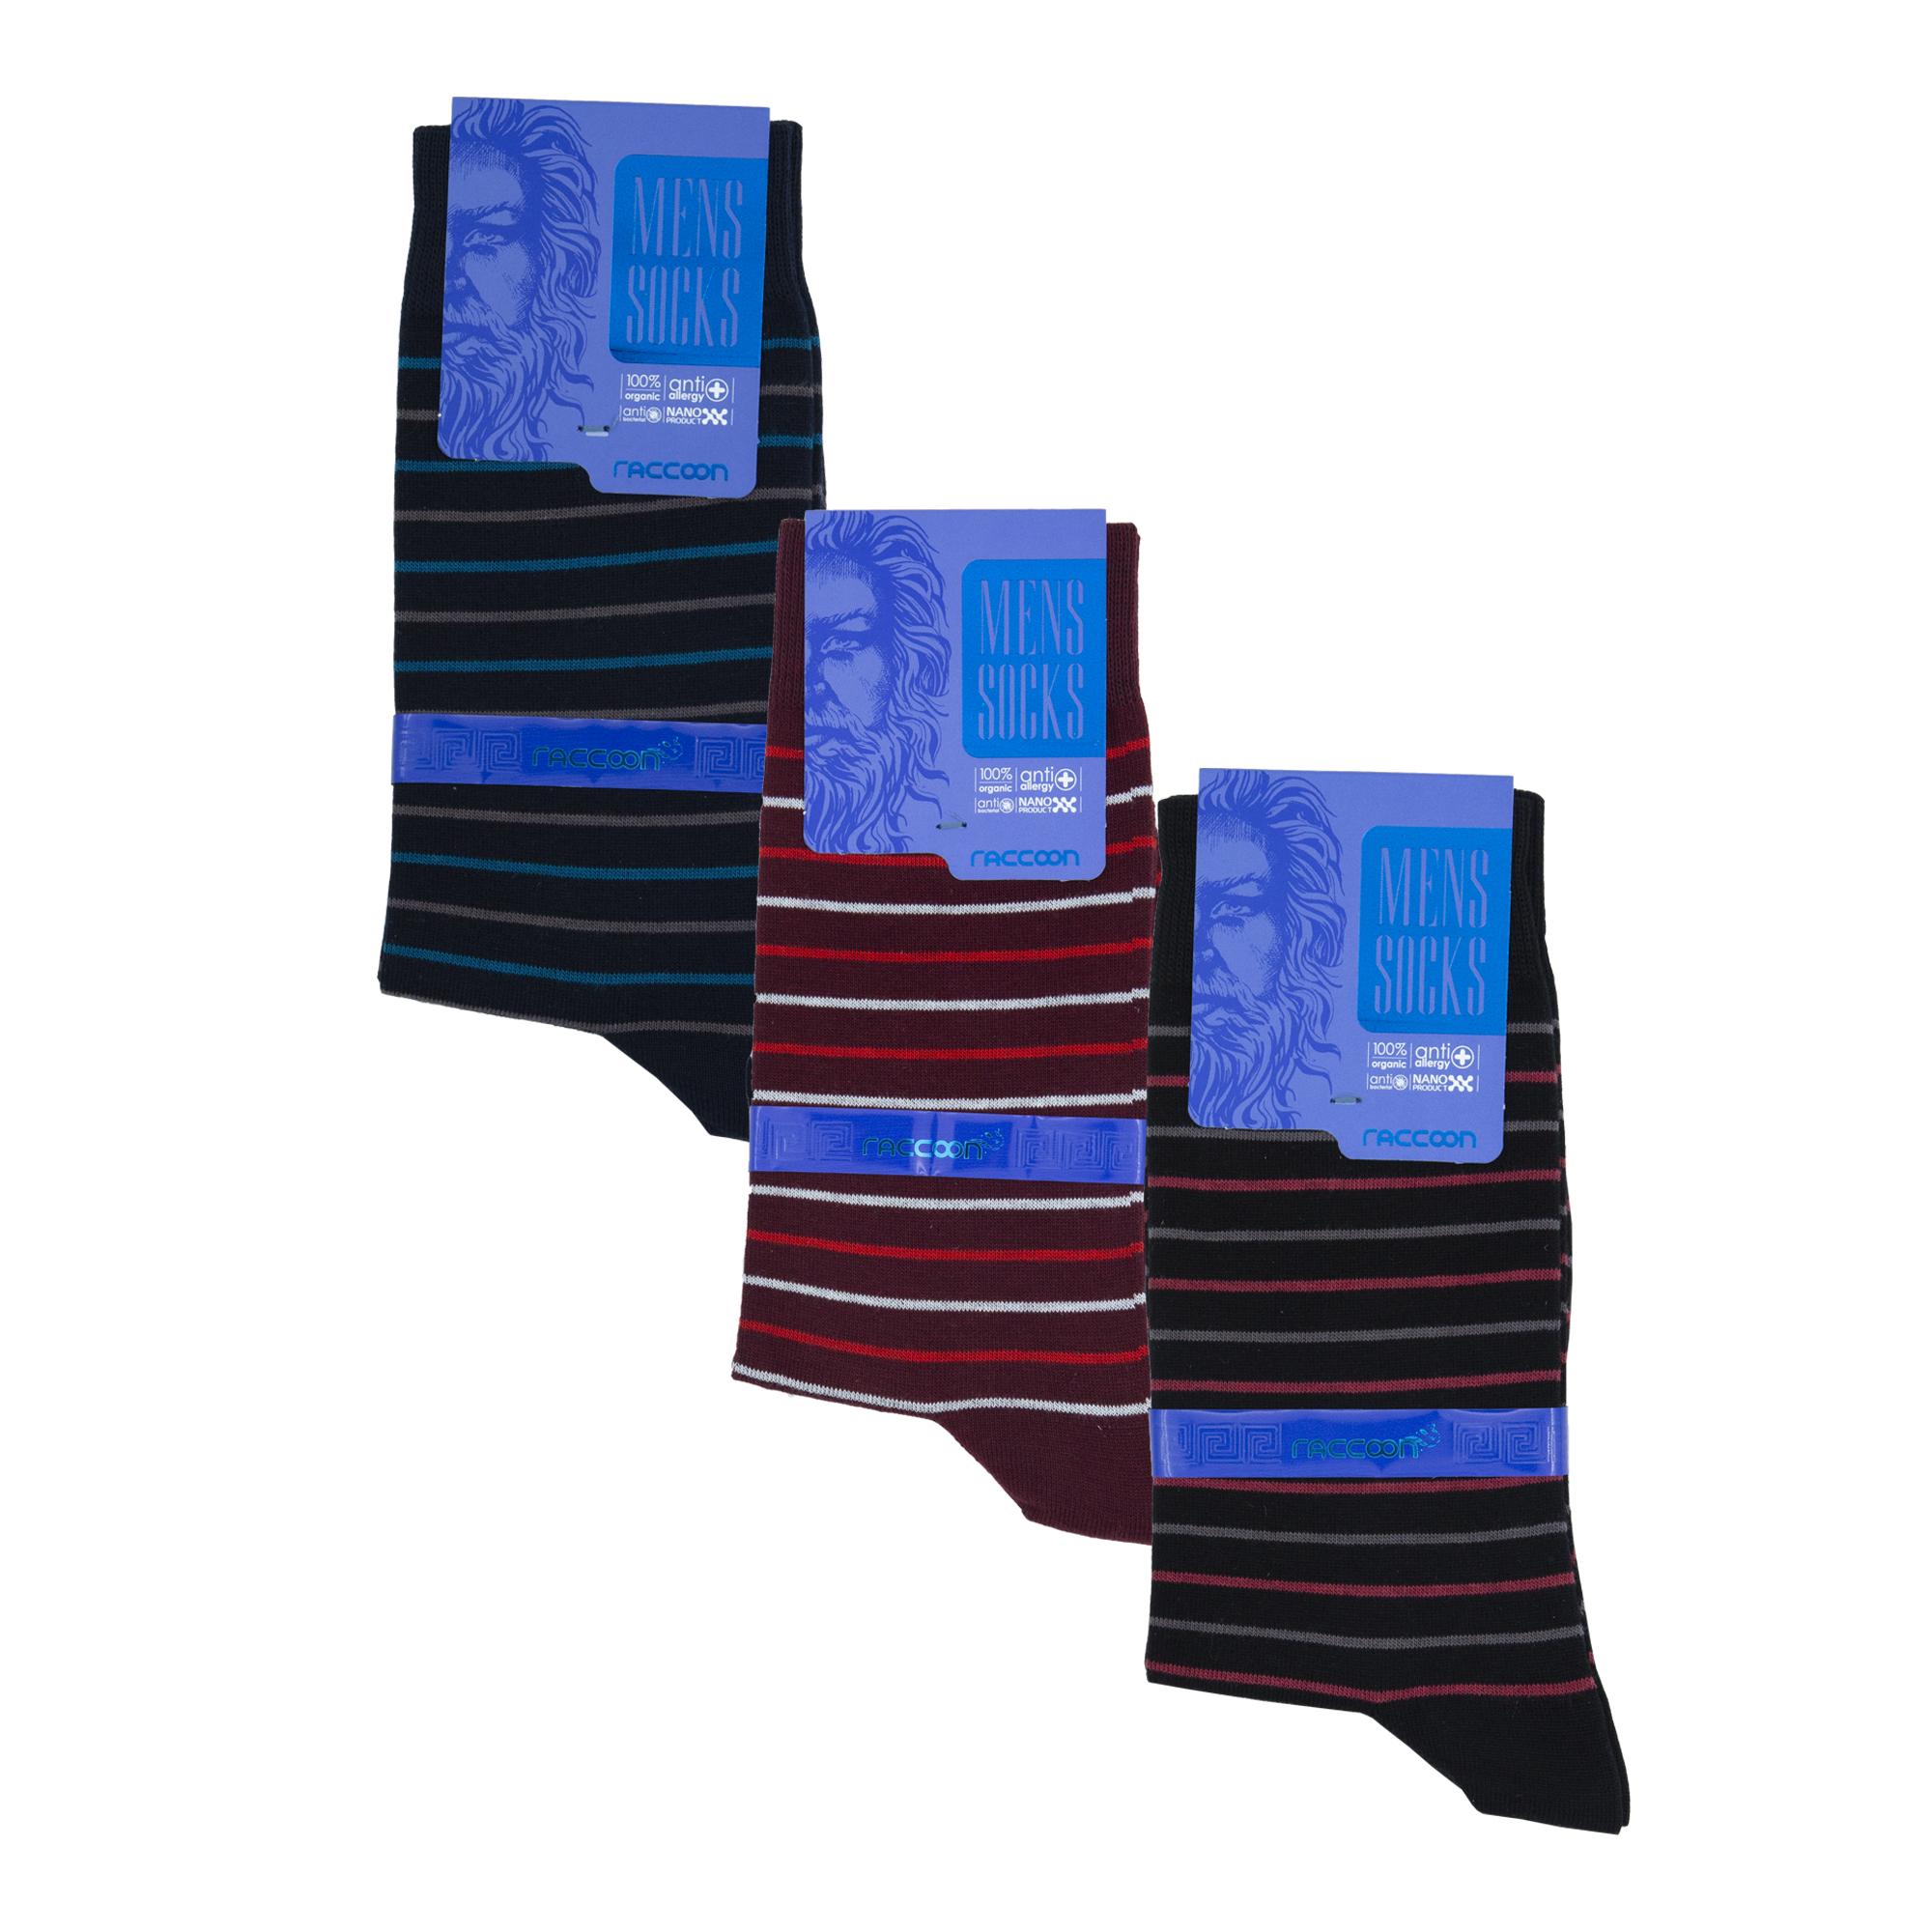 جوراب مردانه راکون مدل 102293 مجموعه 3 عددی